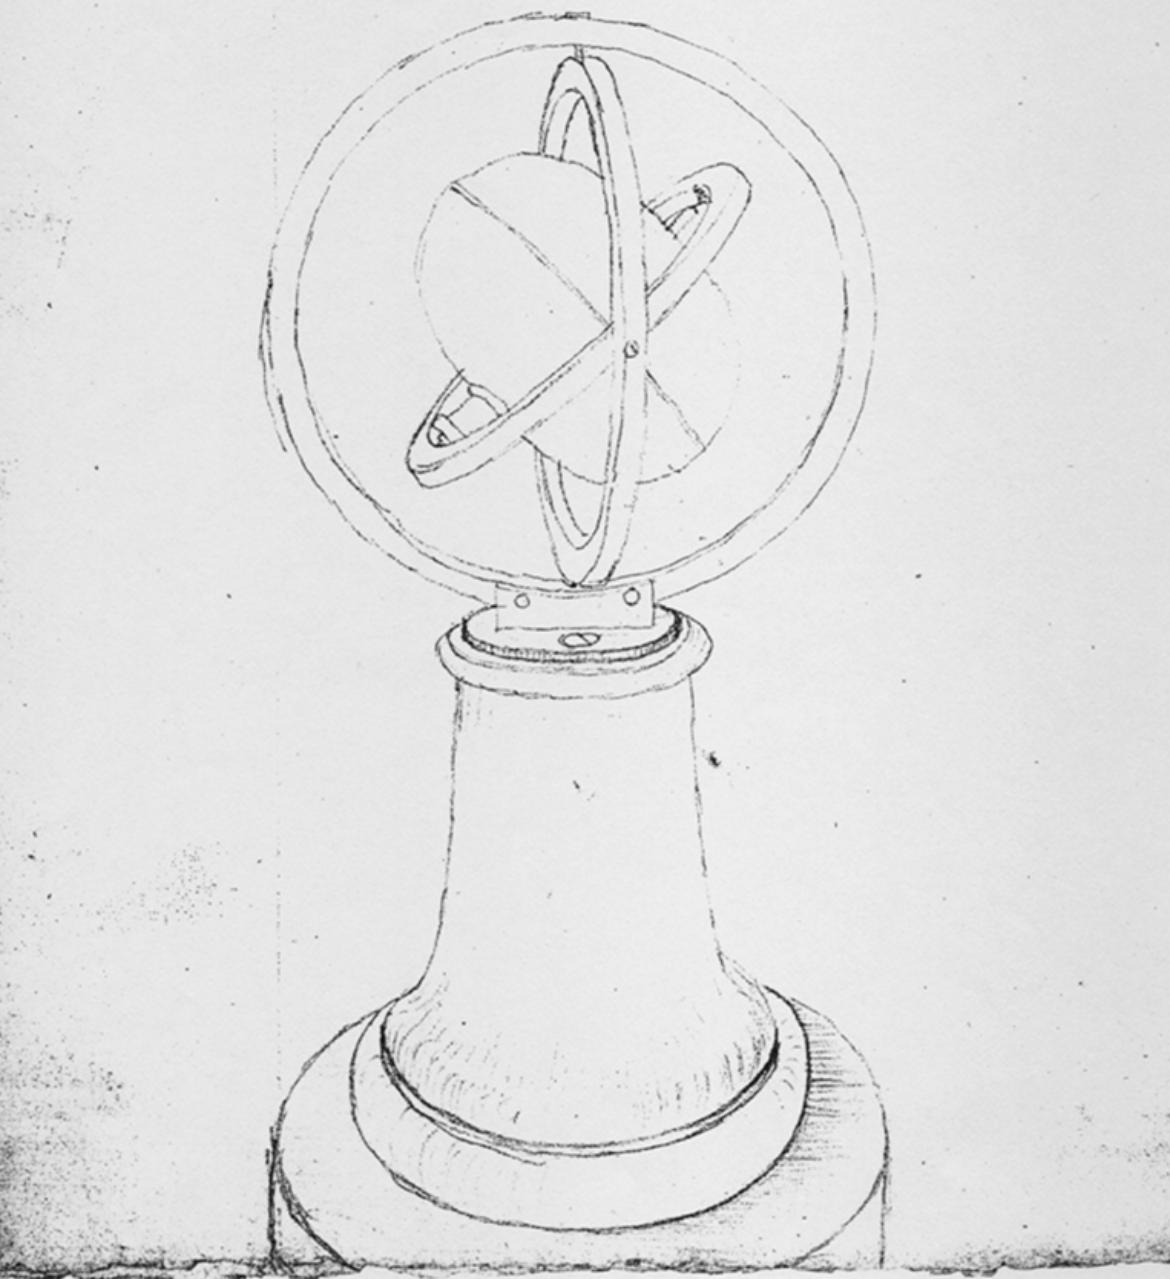 Machine of Bohnenberger (c) Württ. Landesbibl., Sig. Cod. Math. 4° 64a